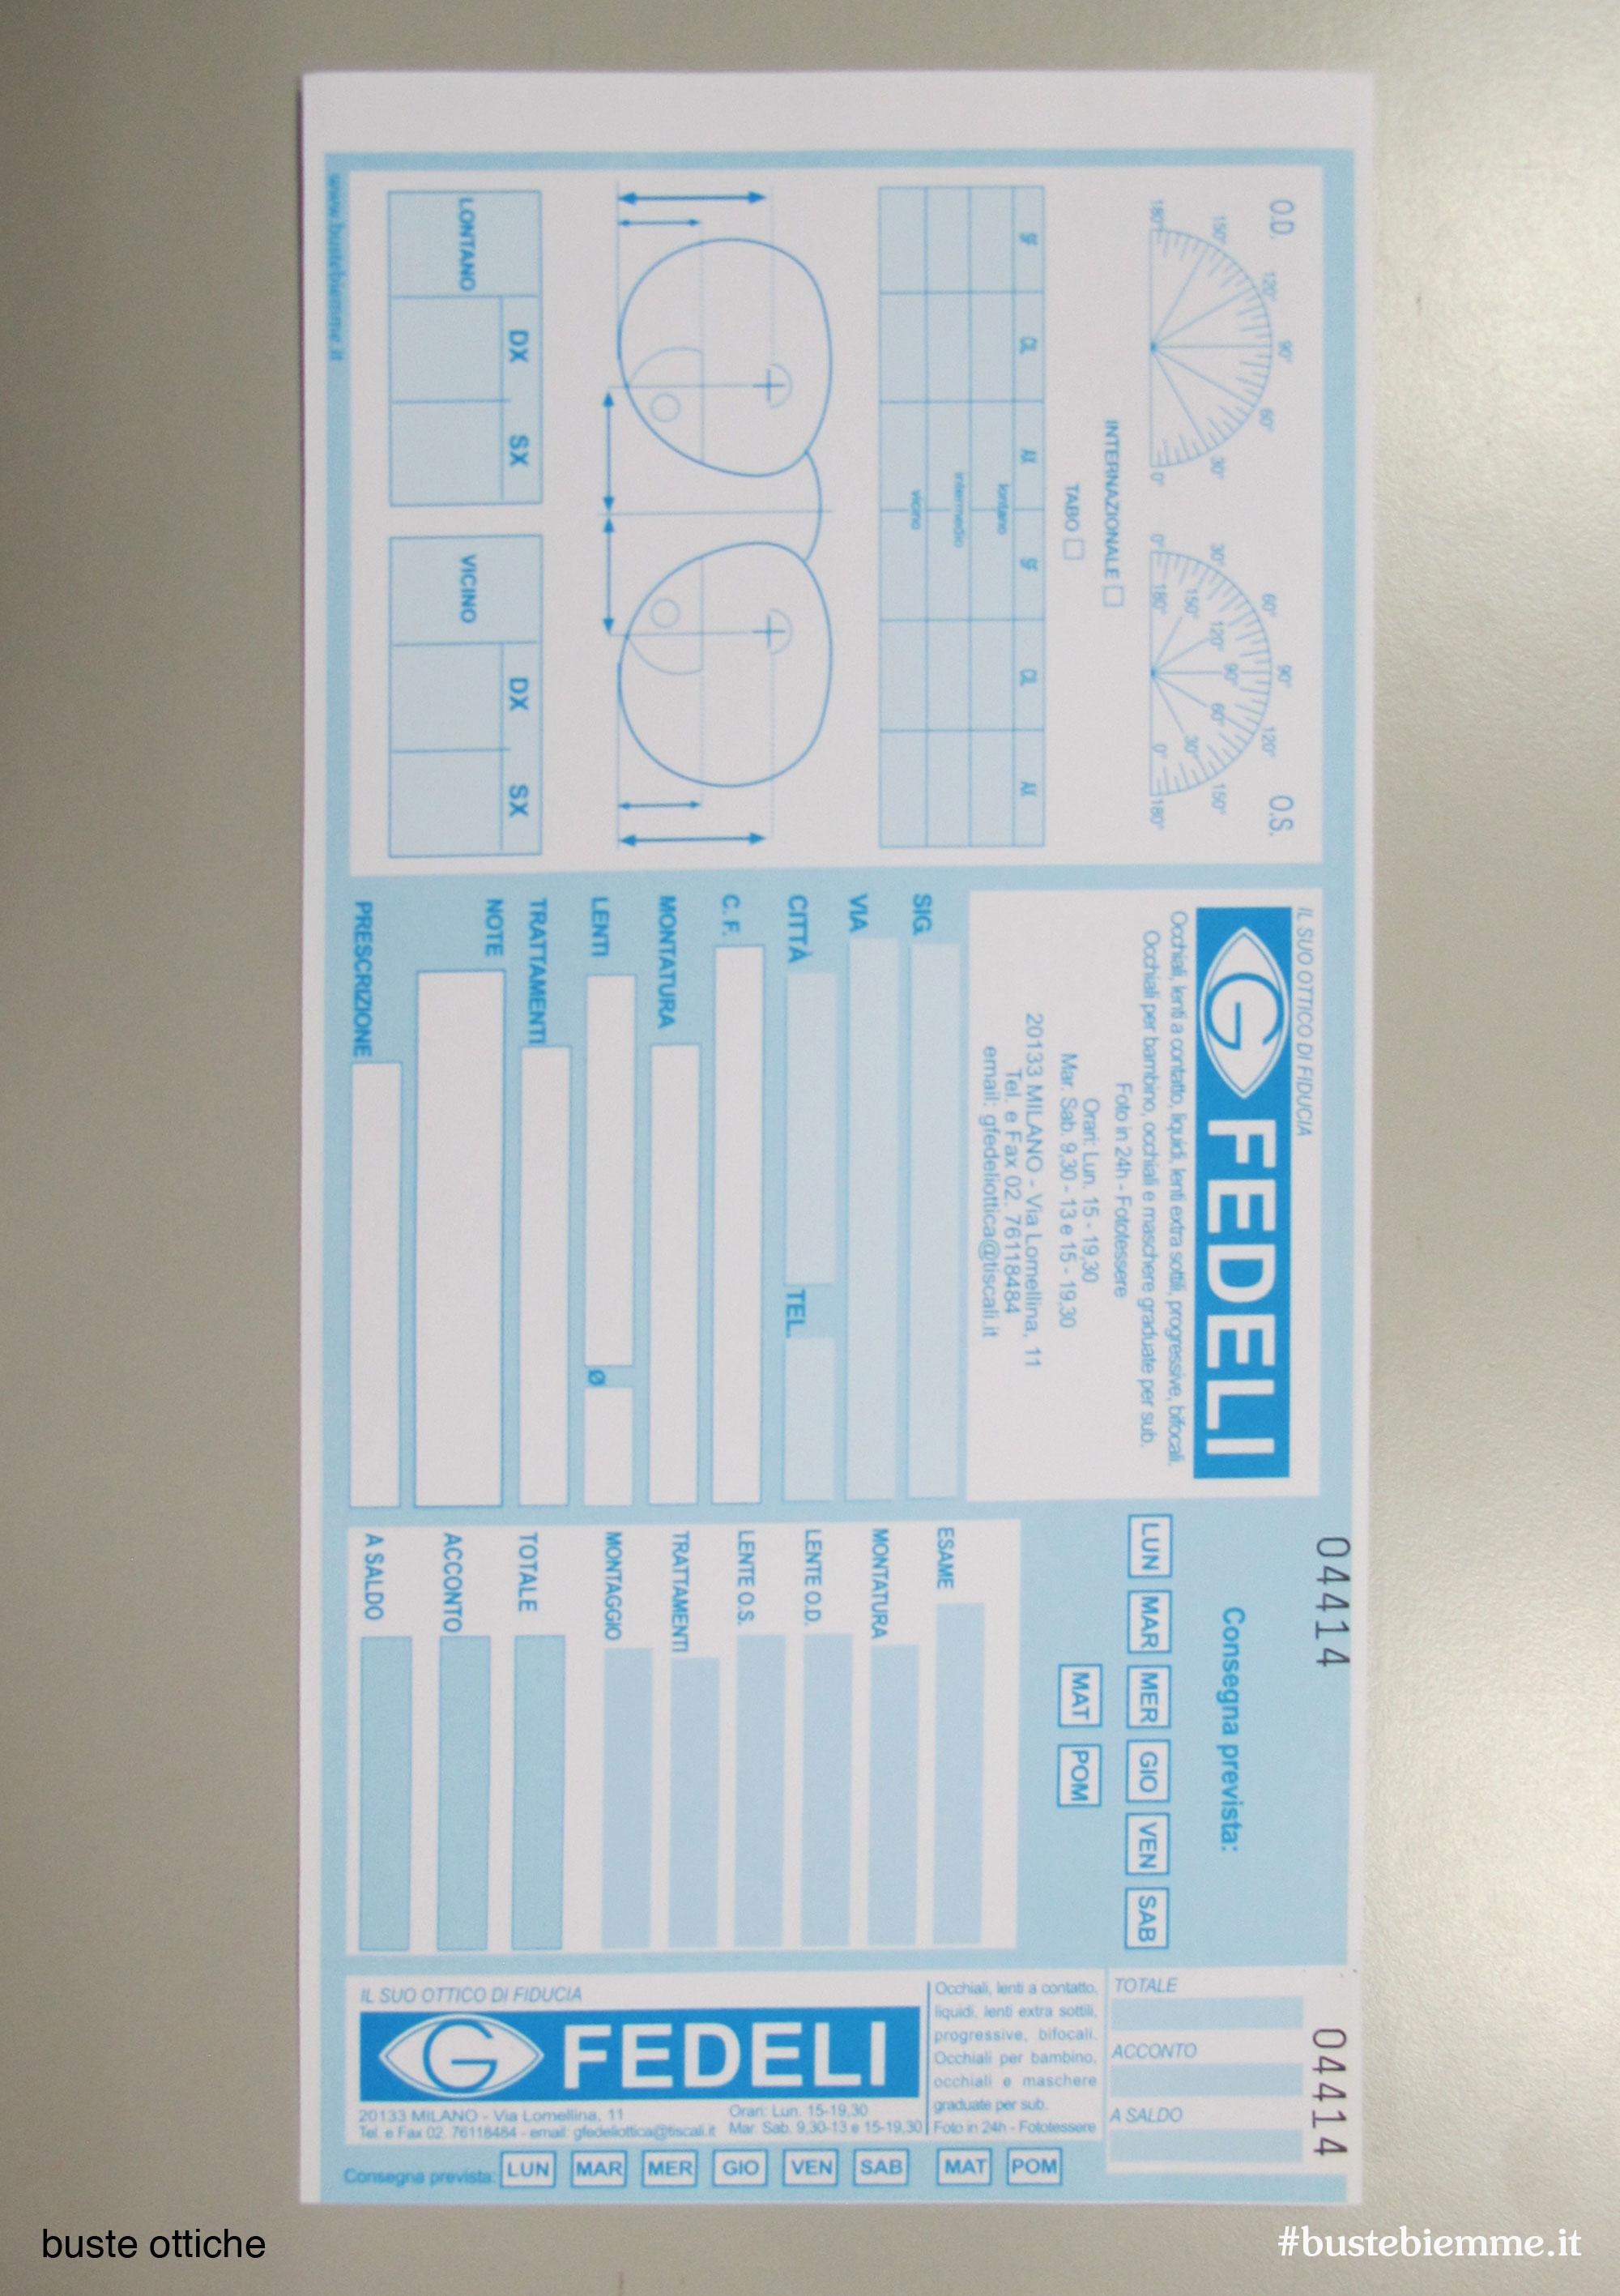 buste ottica in carta per la riparazione o realizzazione di occhiali